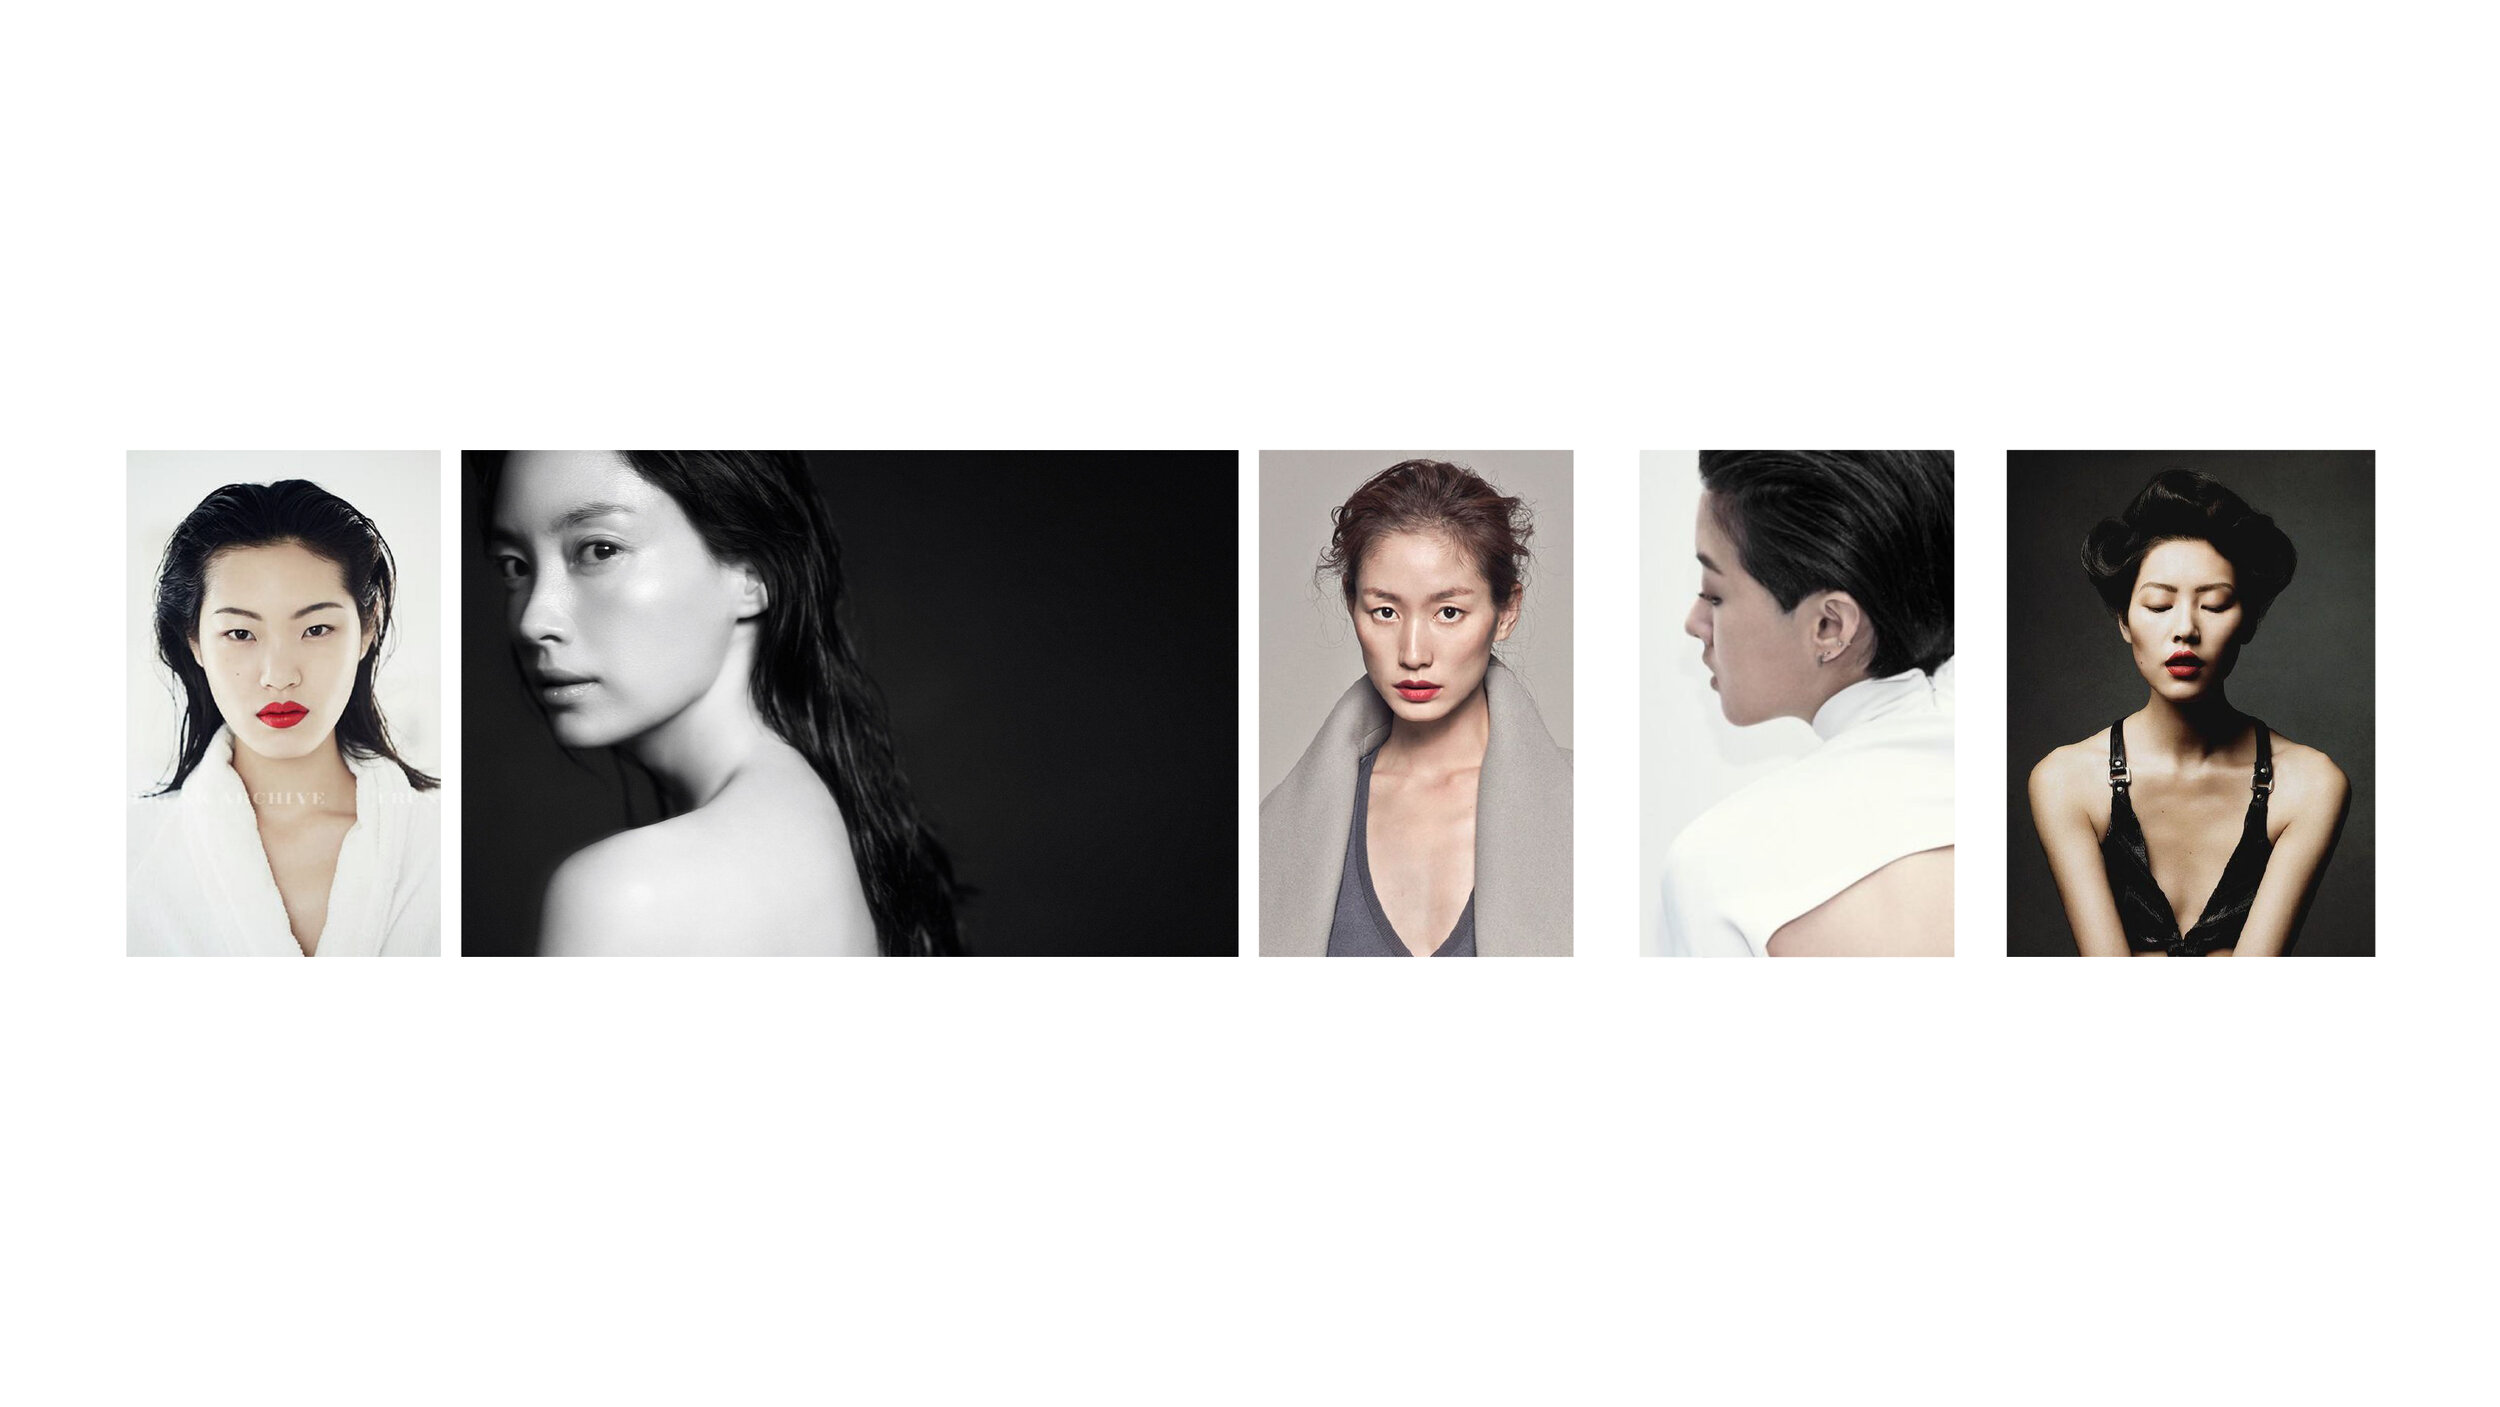 shiseido_brandbook_woman3.jpg